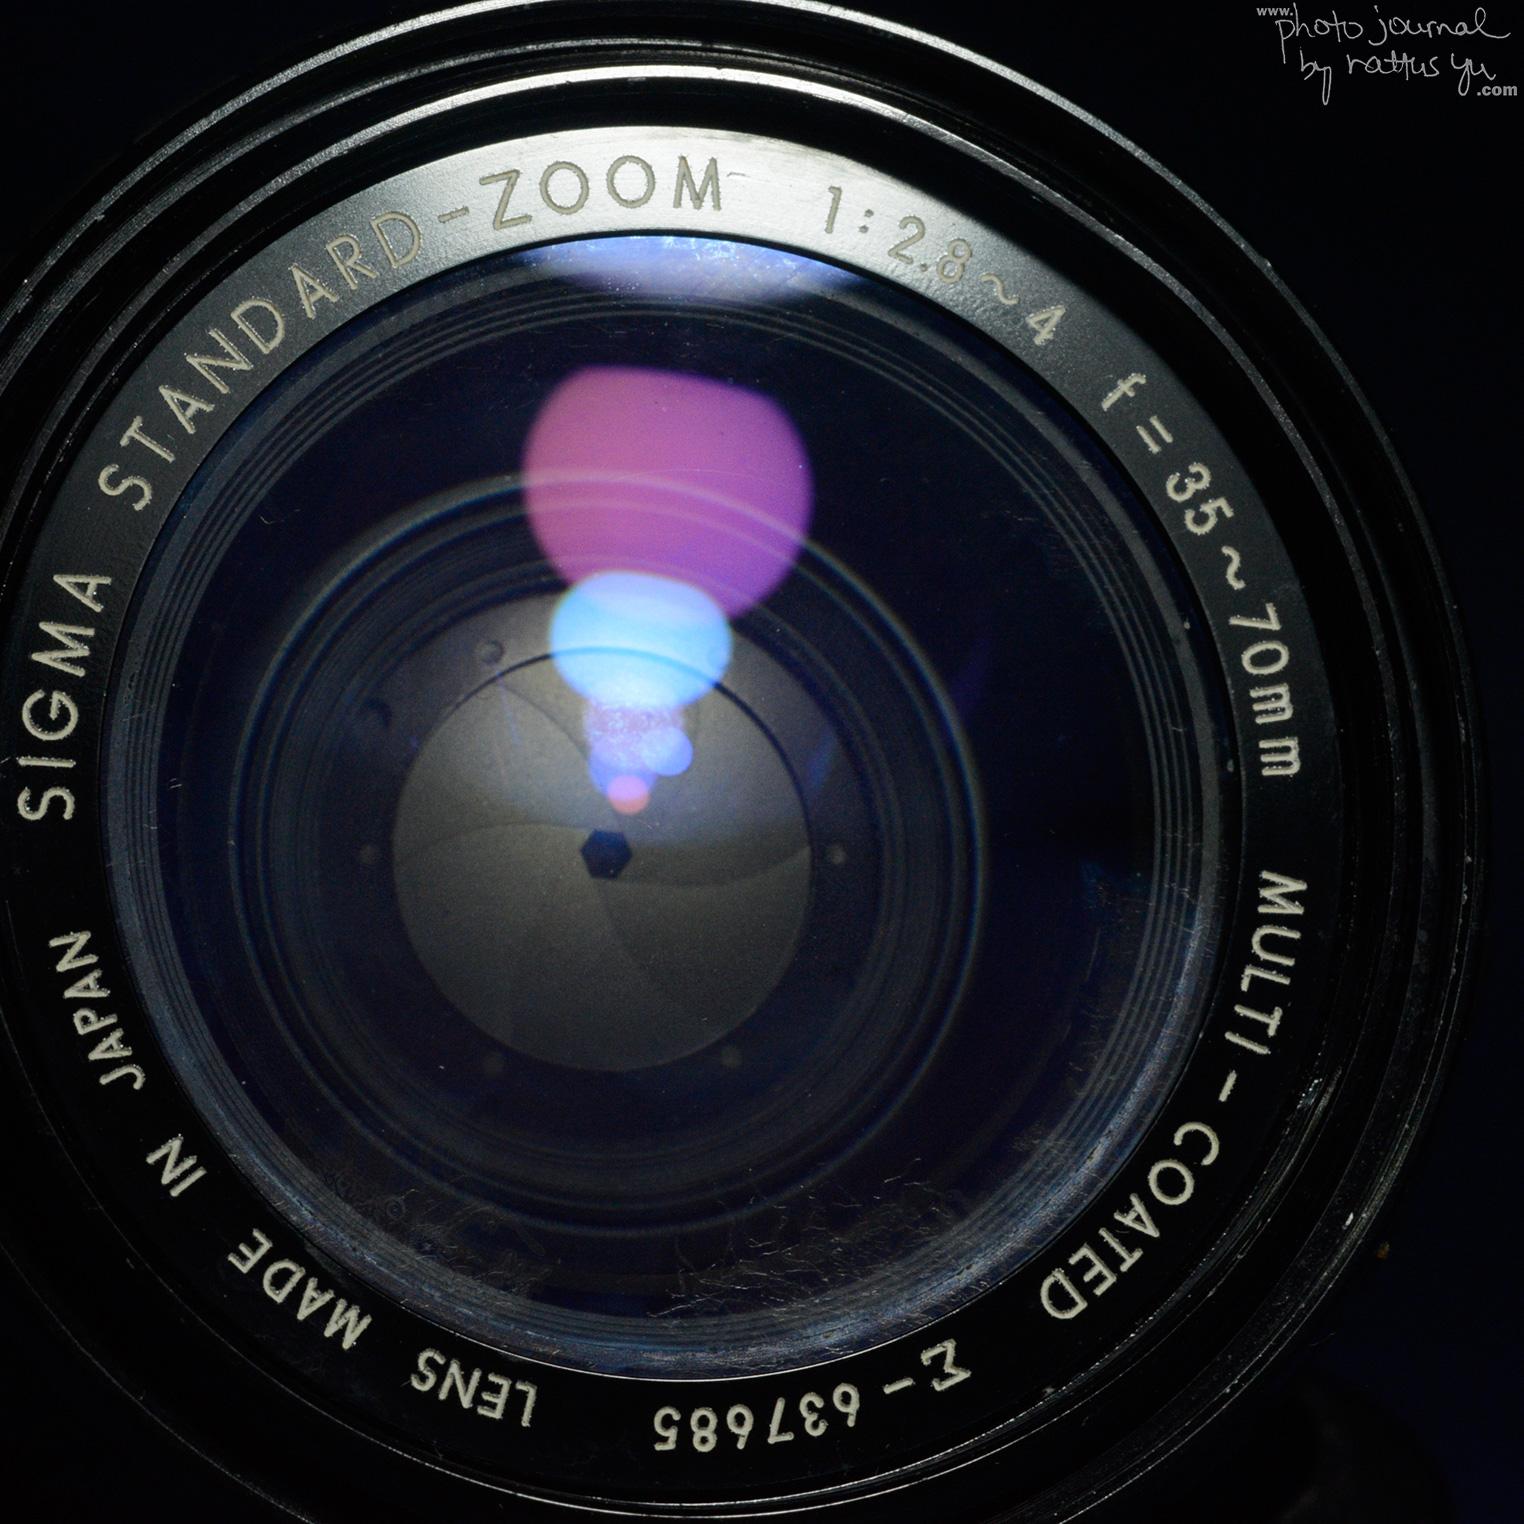 Sigma 35-70mm f/2.8-4 Standard Zoom MC (1982)